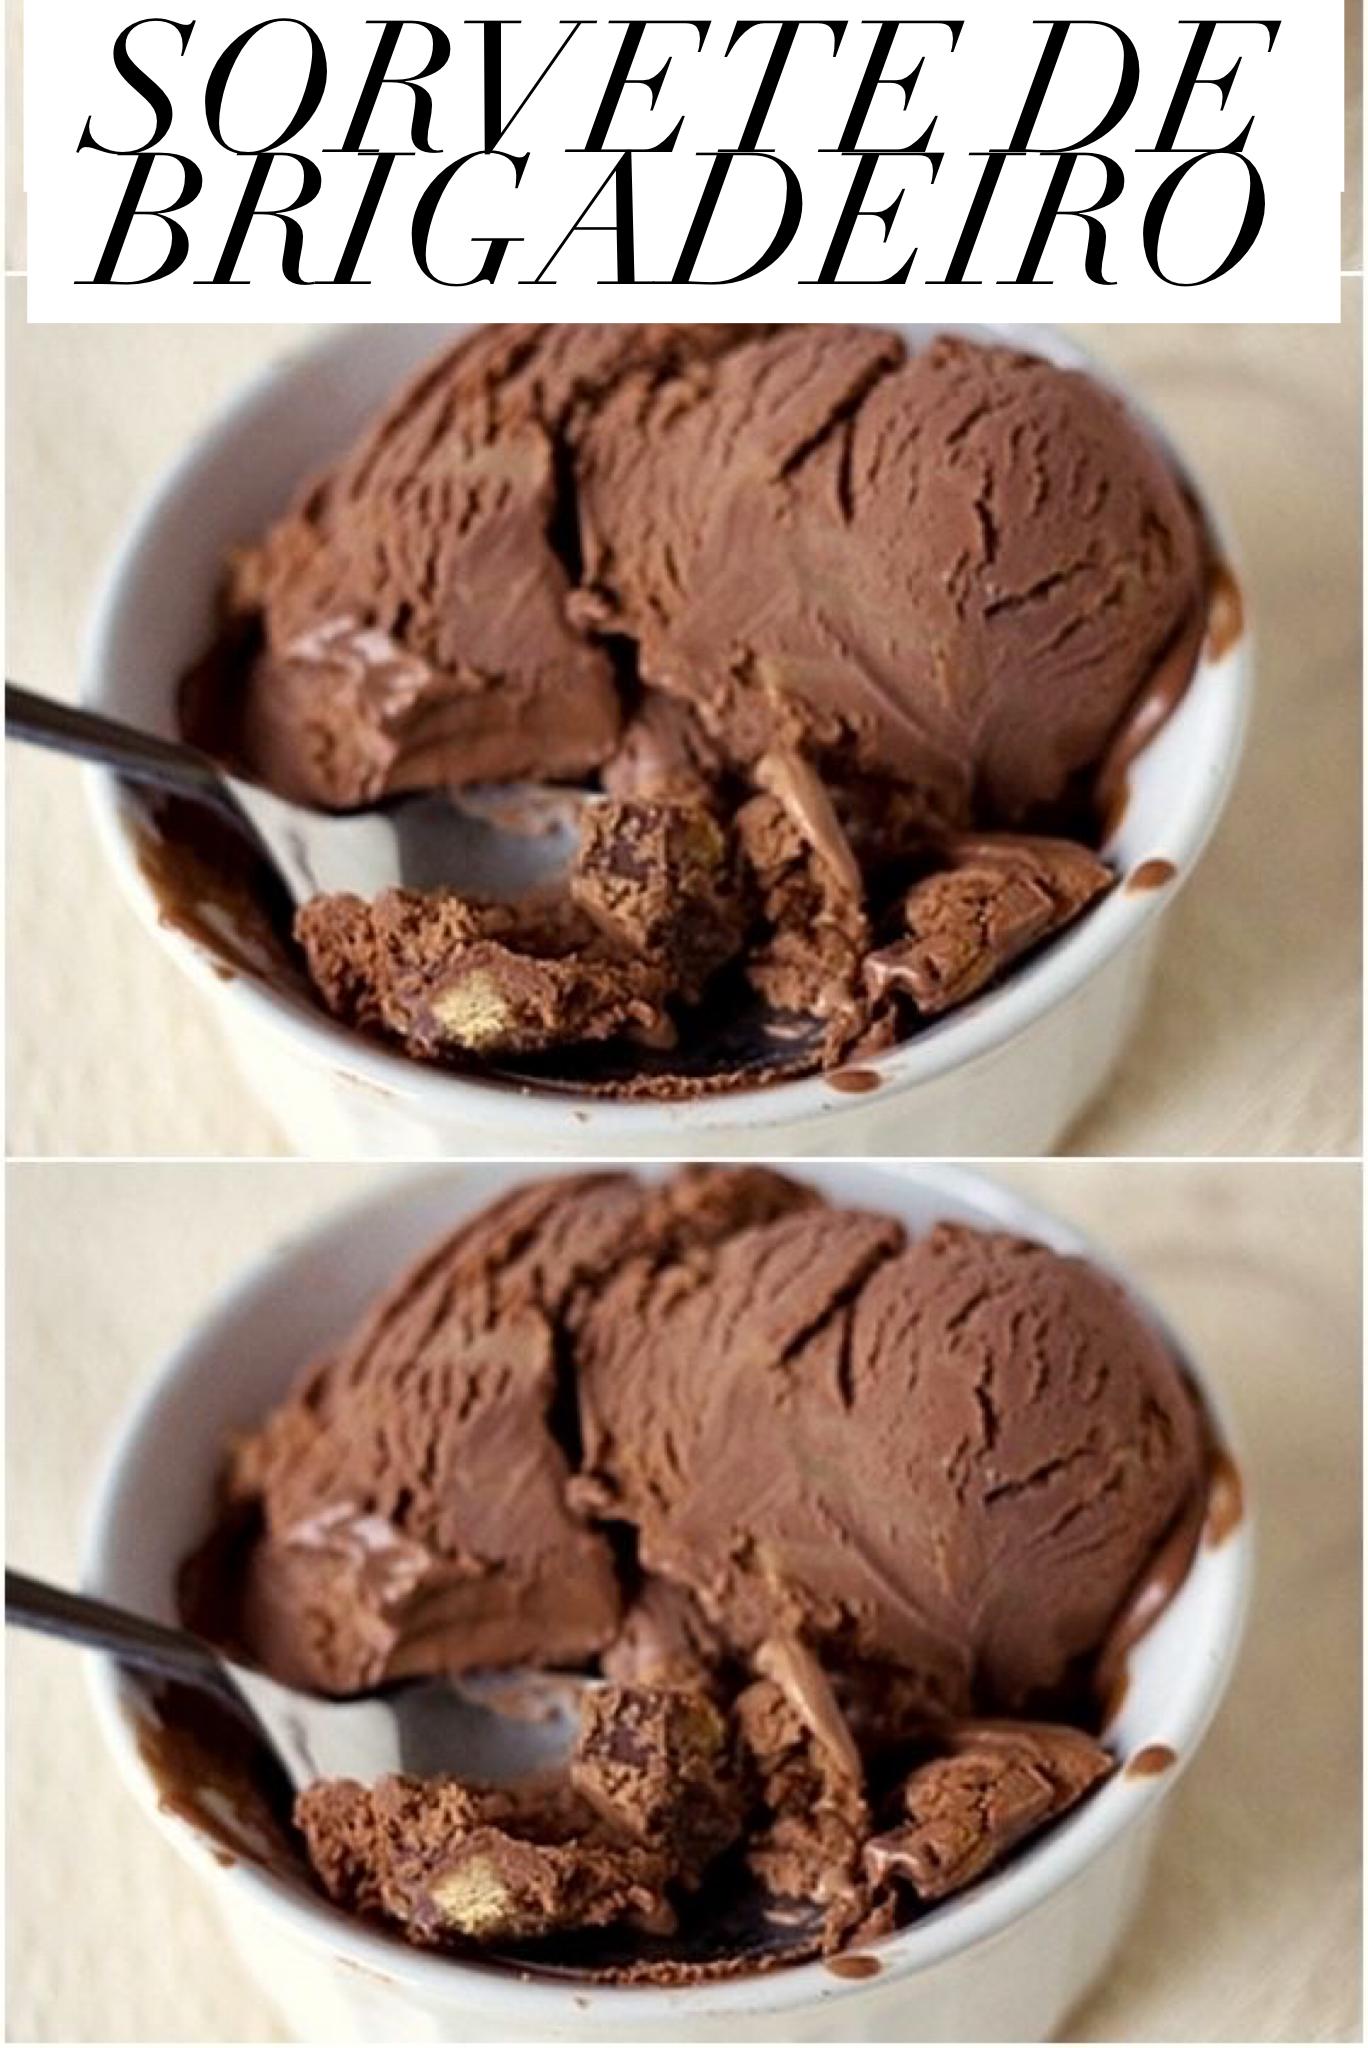 A receita é versátil, fácil de preparar, os ingredientes utilizados são simples e cabem no seu orçamento. Depois de pronto, esse doce com certeza vai surpreender. #sorvete #sorvetecaseiro #chocolate #brigadeiro #receitas #receitadodia